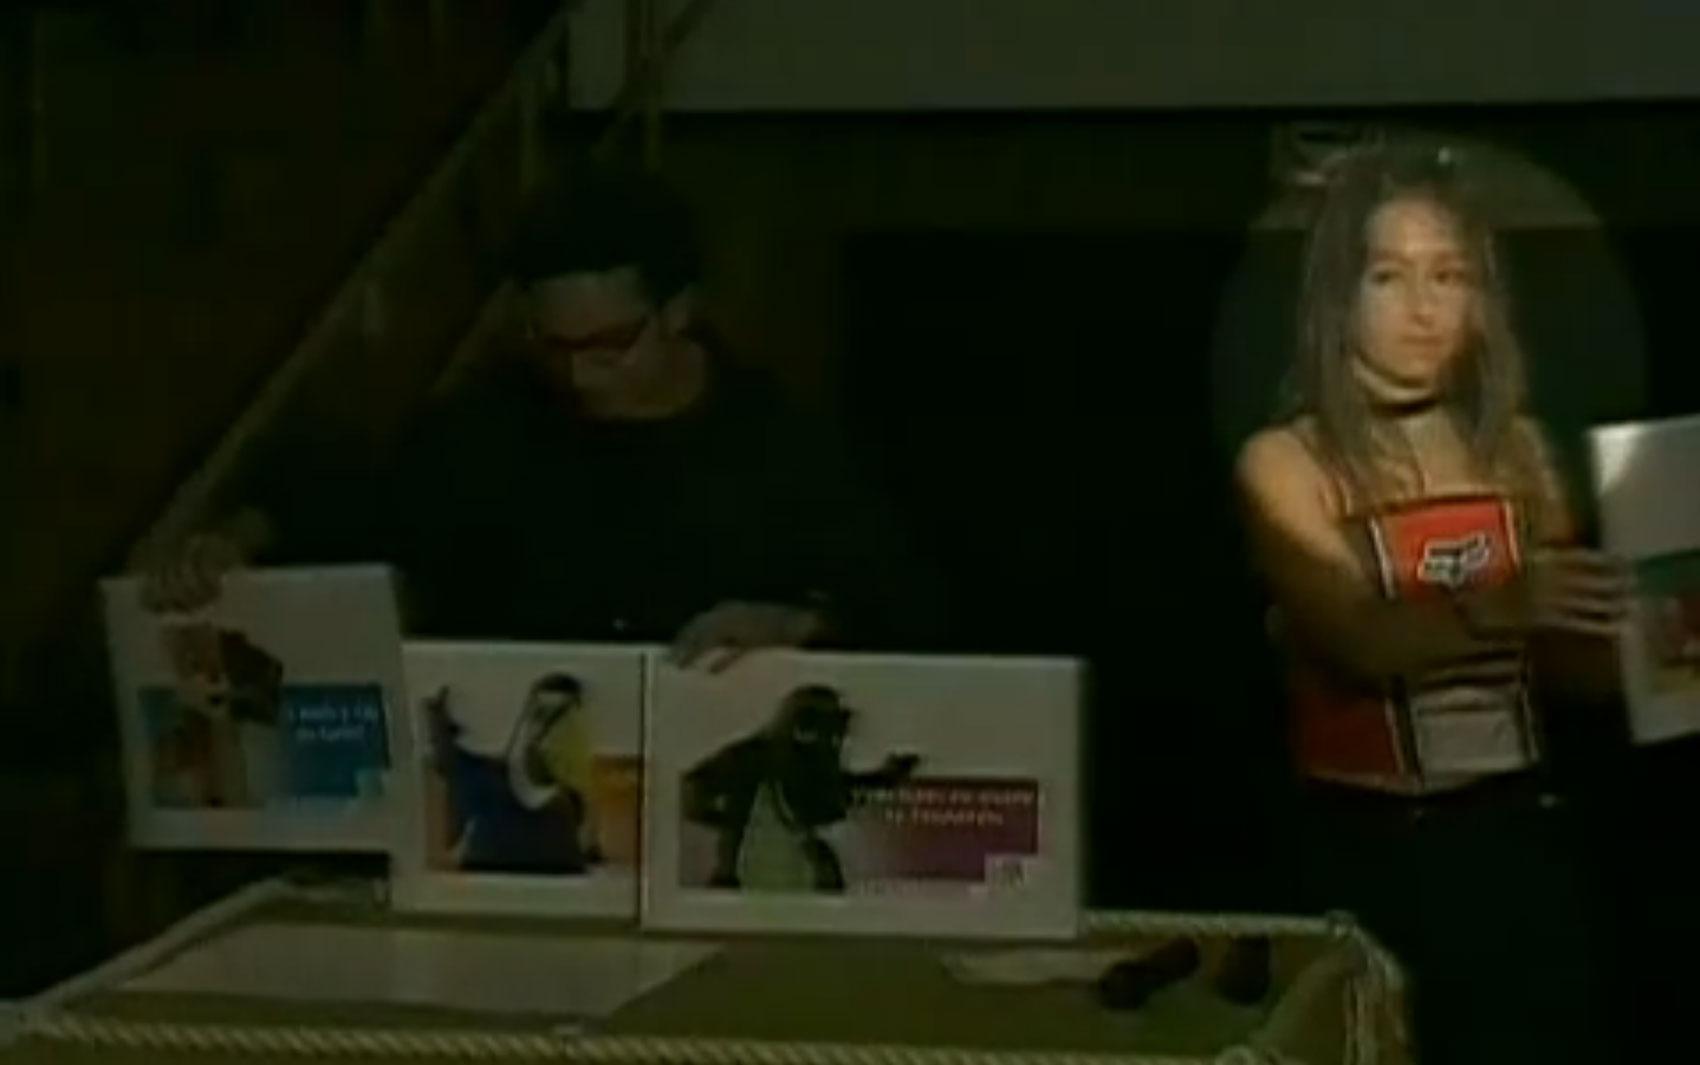 Alessandra Fátima Troitiño, madrasta de Gil Rugai morta em 2004, em imagem de arquivo